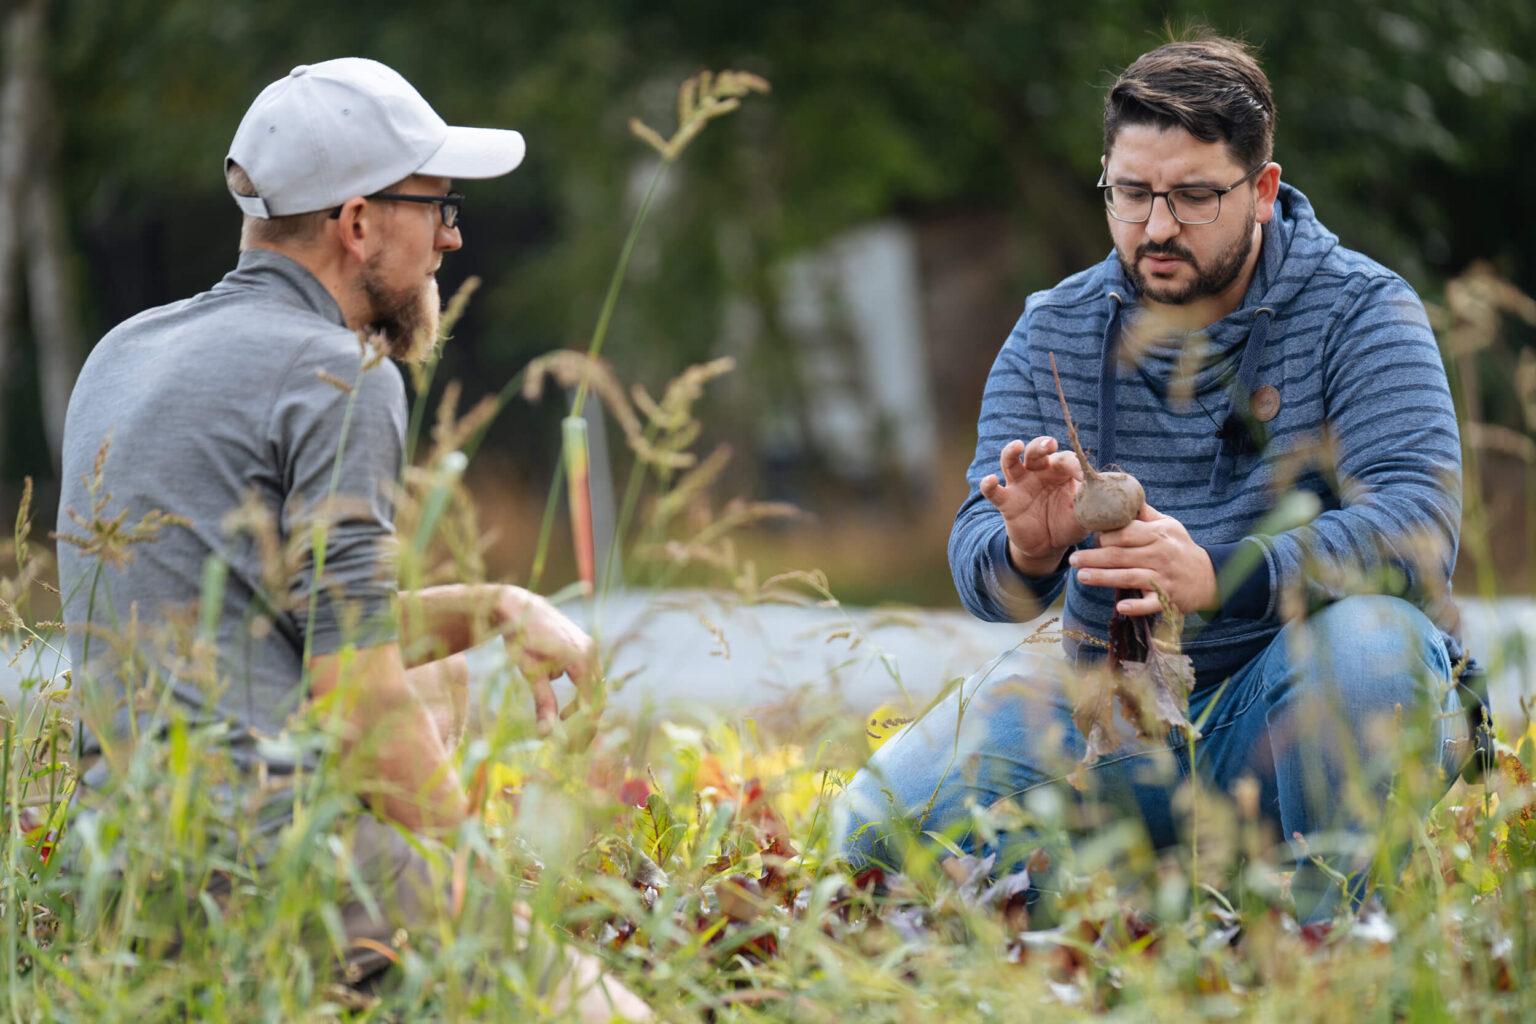 Chefkoch Silio Del Fabro auf dem Stadtbauernhof. Es zeigt Chefkoch Silio Del Fabro kniend auf einem Feld mit einer Ruebe in der Hand, die er begutachtet. Links neben ihm ist ein anderer Mann, der ihm zuschaut. Die Datei ist ein Foto im JPEG-Format.